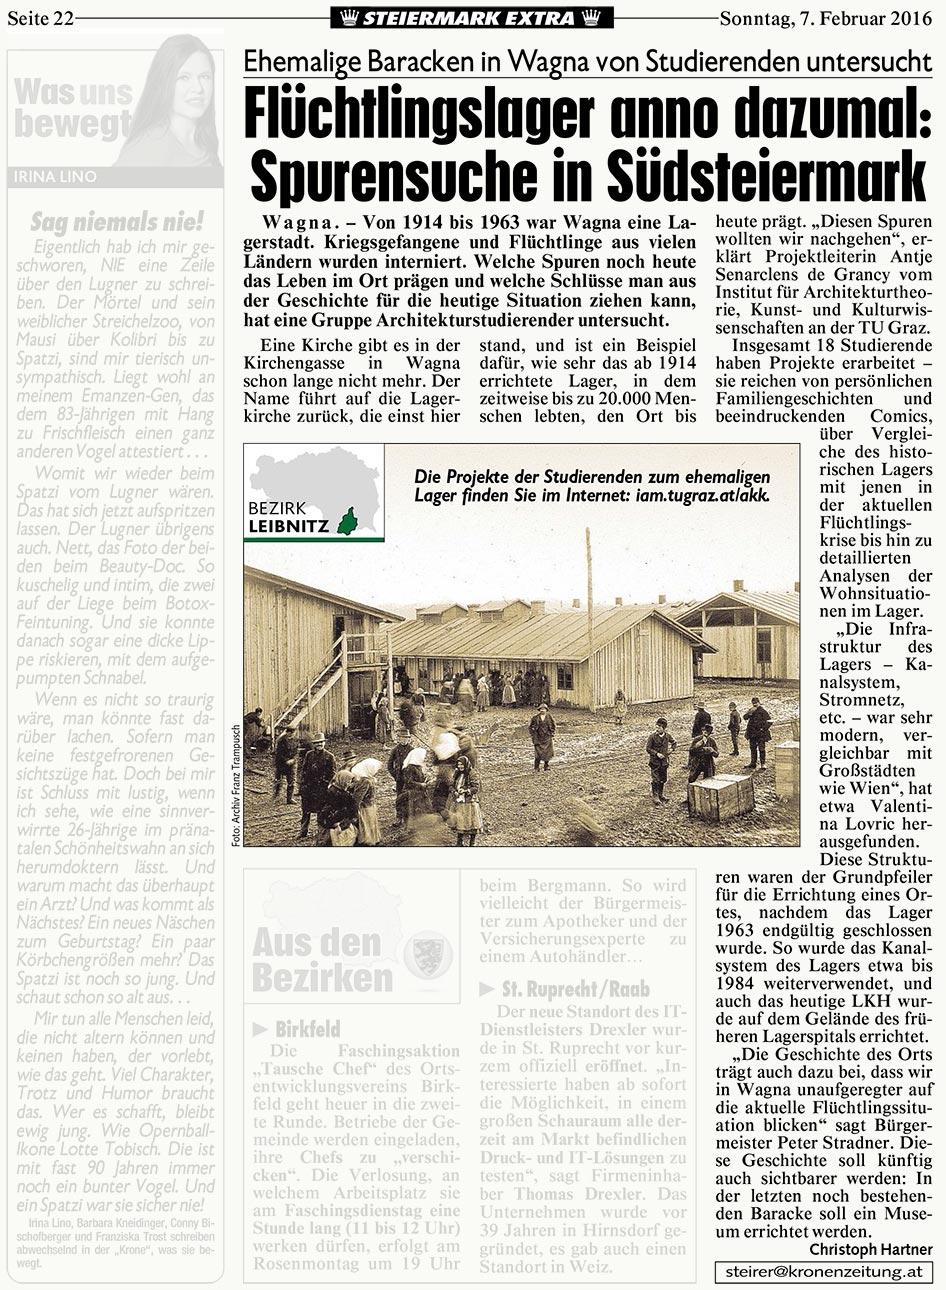 """Link zu Hartner, Christoph: <i>""""Flüchtlingslager anno dazumal: Spurensuche in Südsteiermark""""</i> in: Kronenzeitung, 22.02.2016"""